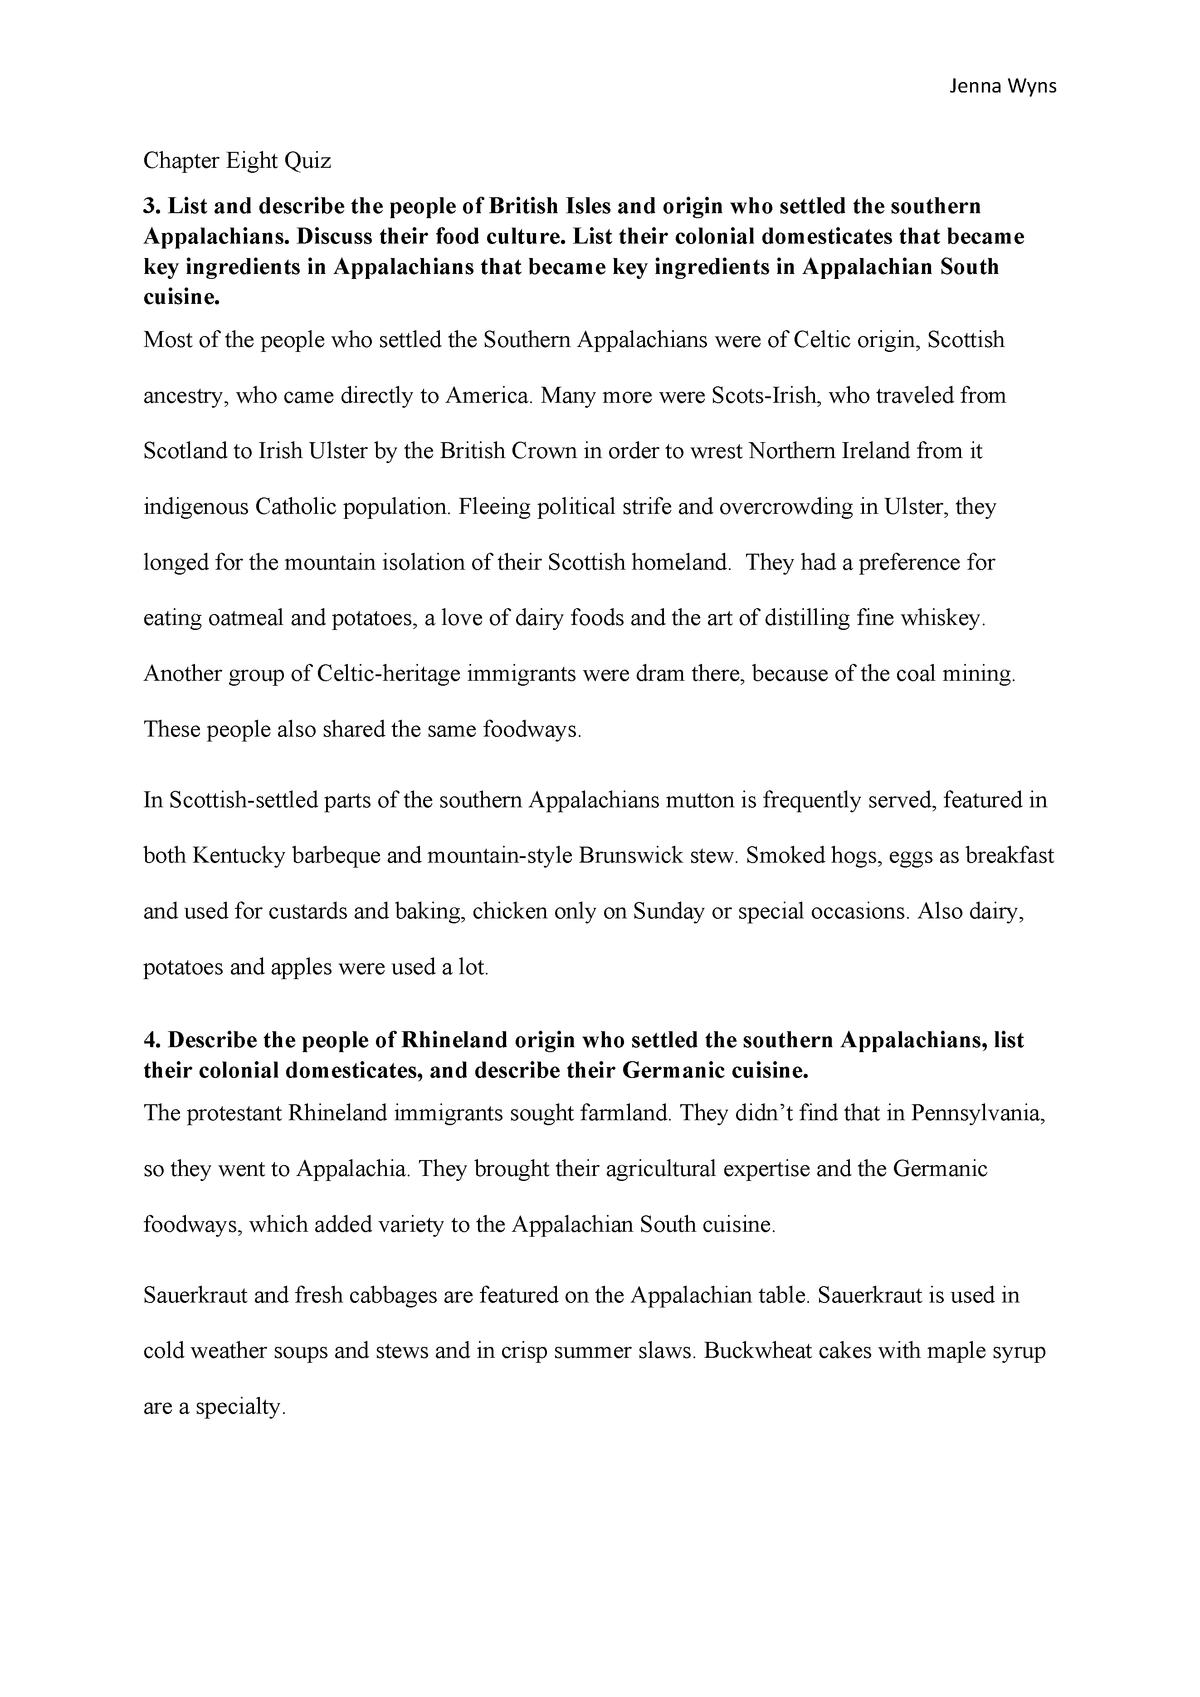 Chapter 8 Quiz - weakly quiz solution - DTC 358: Food